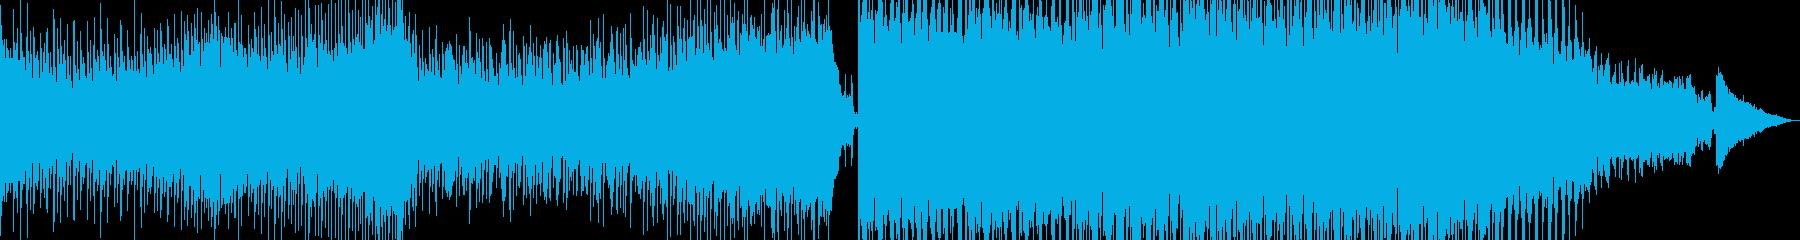 【トランス】切ない、泣きメロナンバーの再生済みの波形